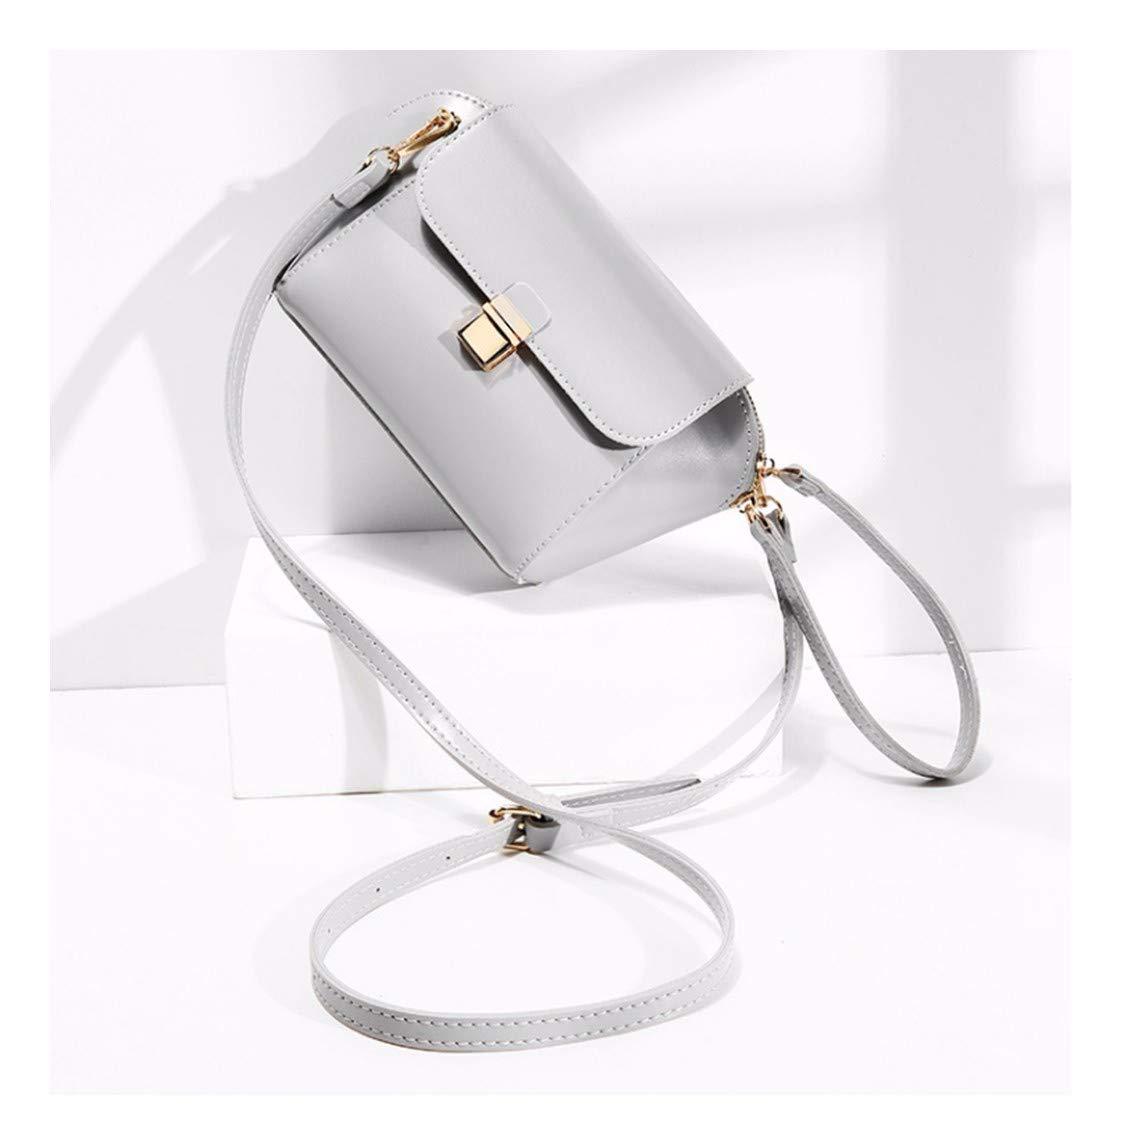 ArrJee Mode Damen Tasche Handtasche Schräg Tasche Schultertasche Weiche Mehl Pu Upscale Einfachheit Fashion World Deutsch Freizeit Retro Süße Mini Bag